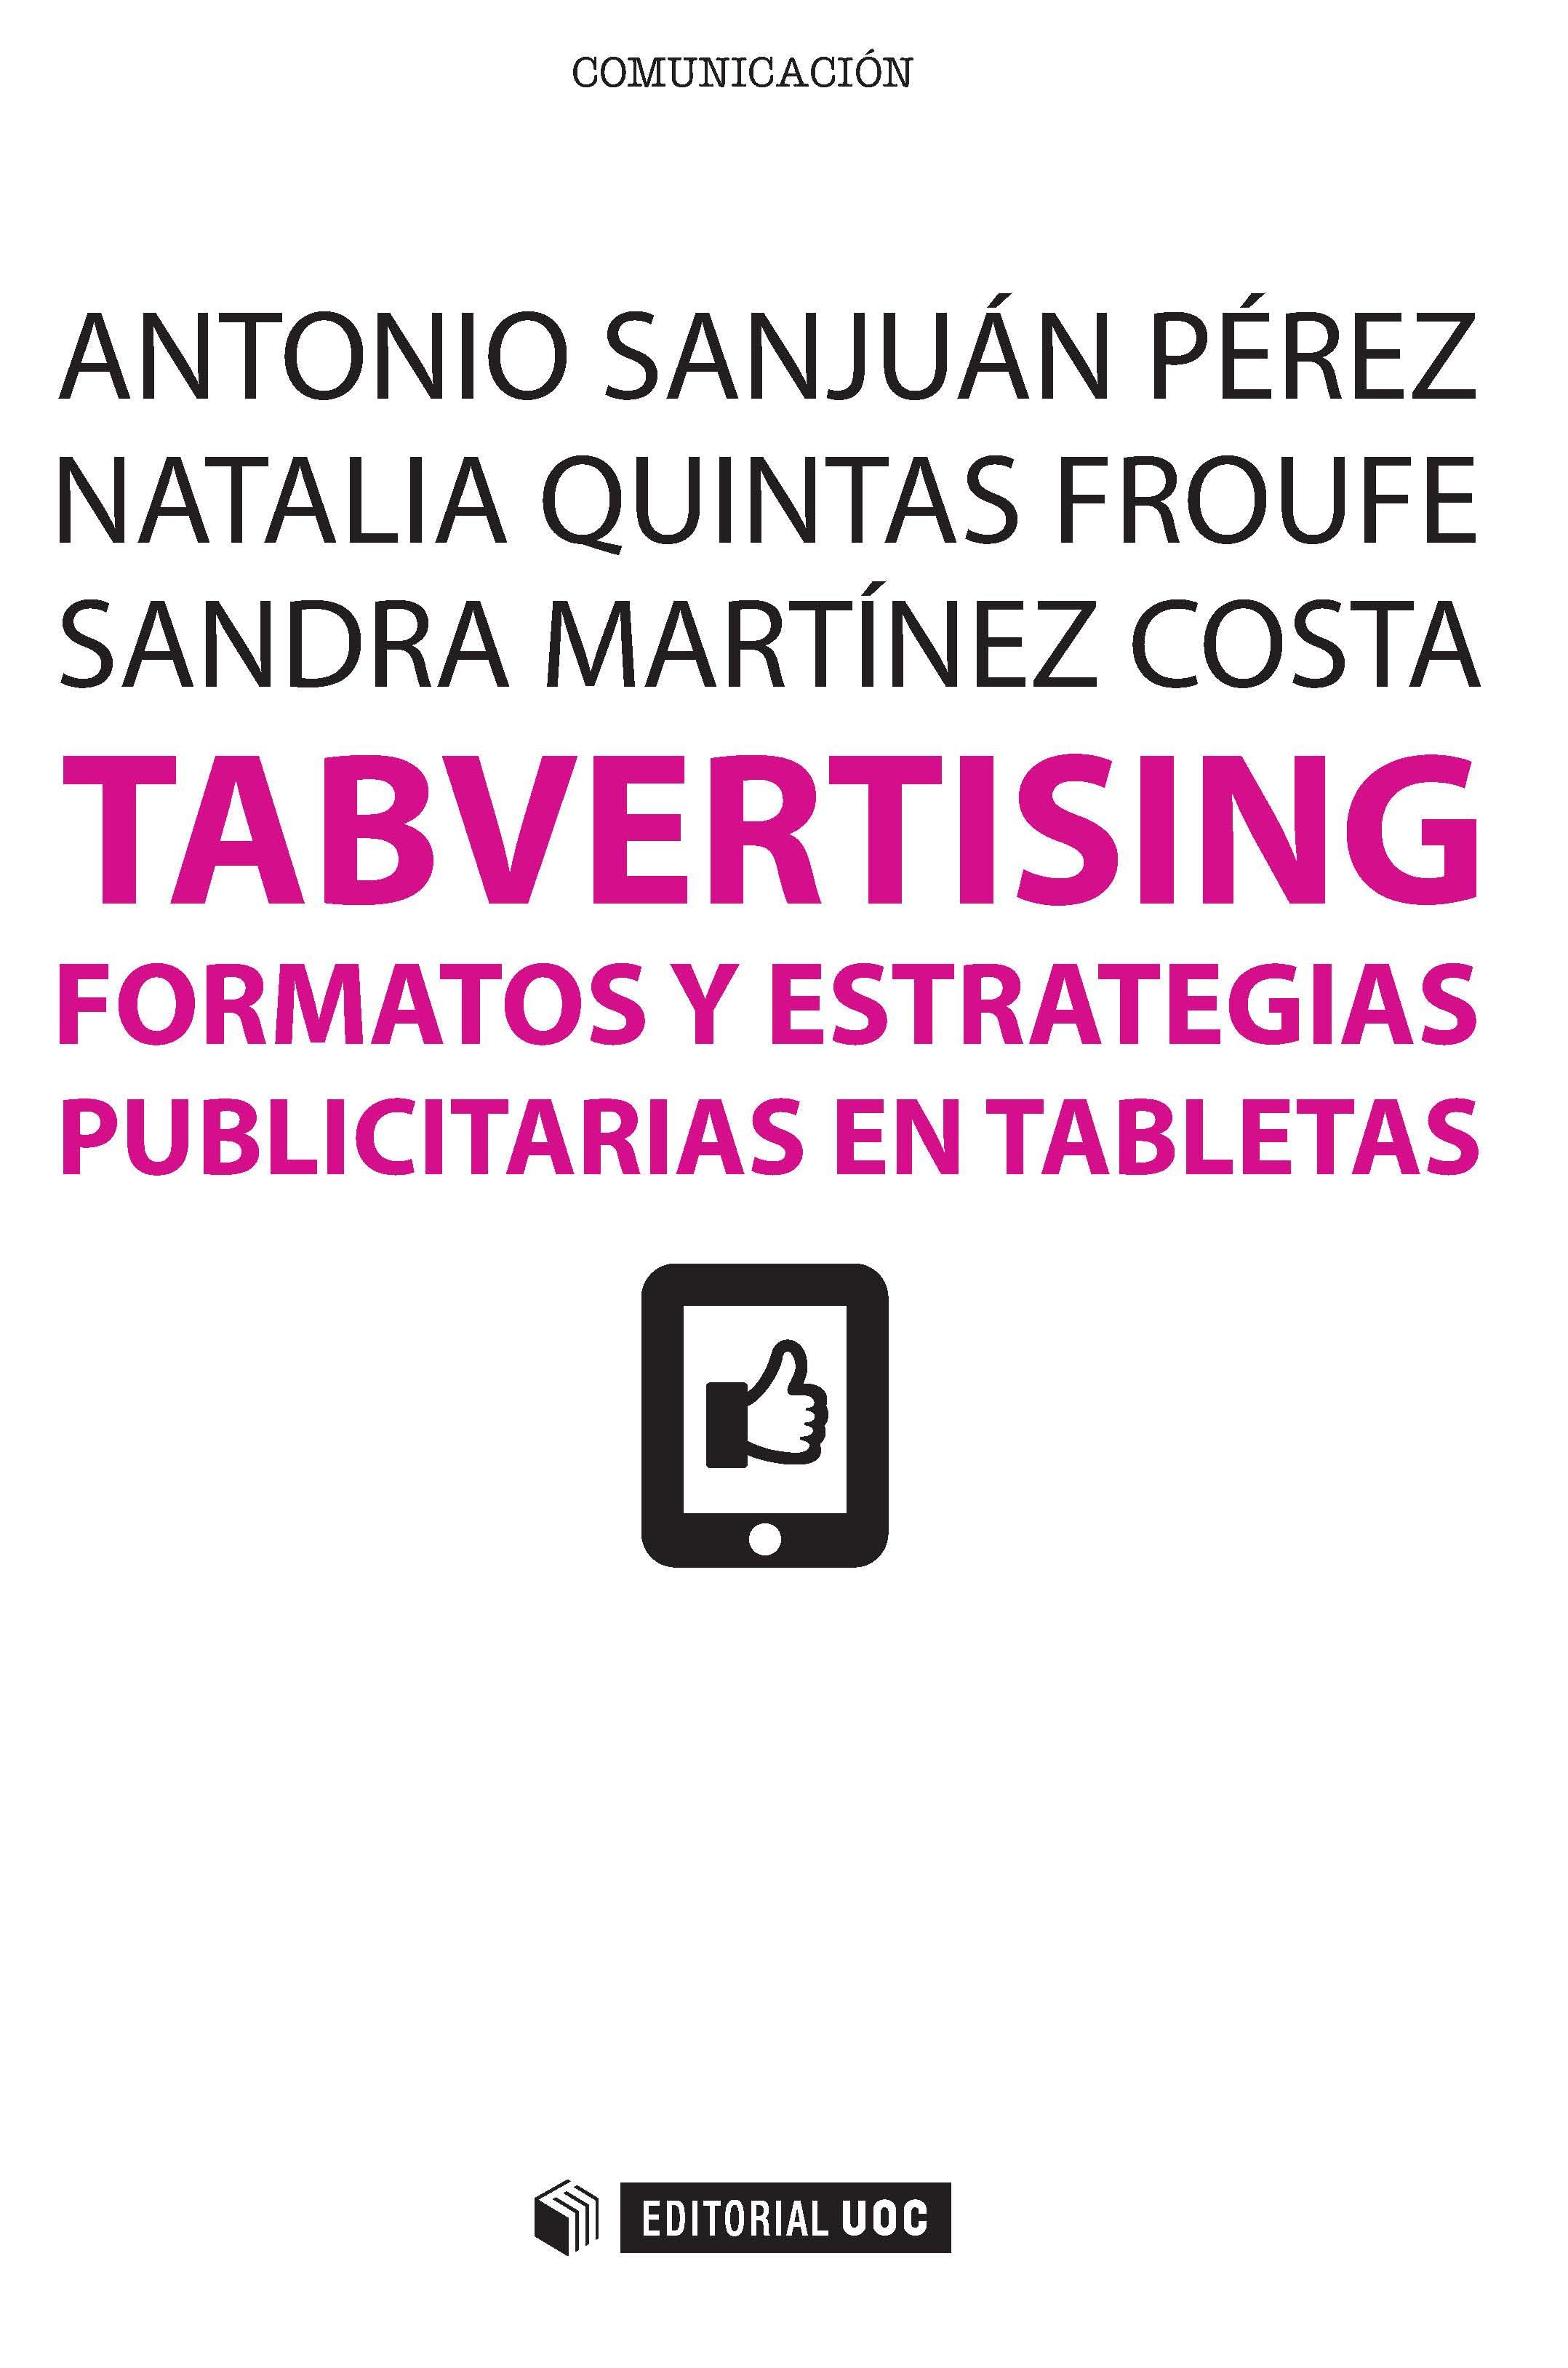 Tabvertising. Formatos y estrategias publicitarias en tabletas